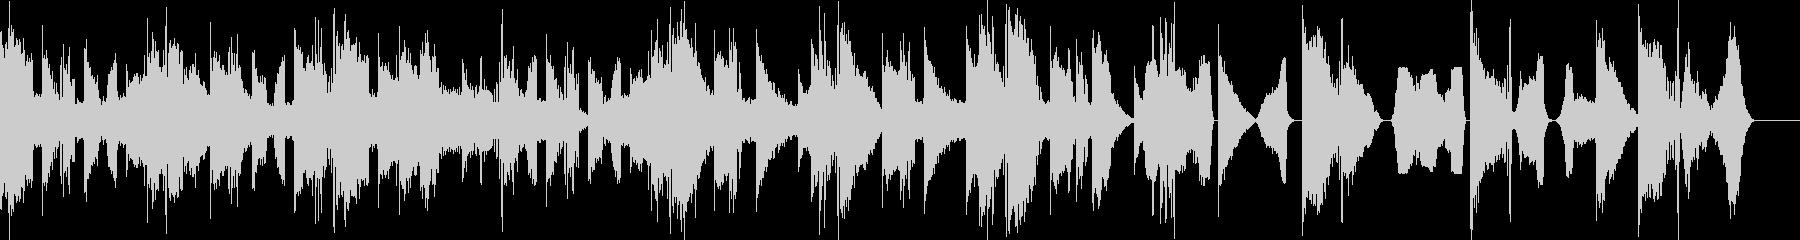 シネマティックトレーラーの未再生の波形